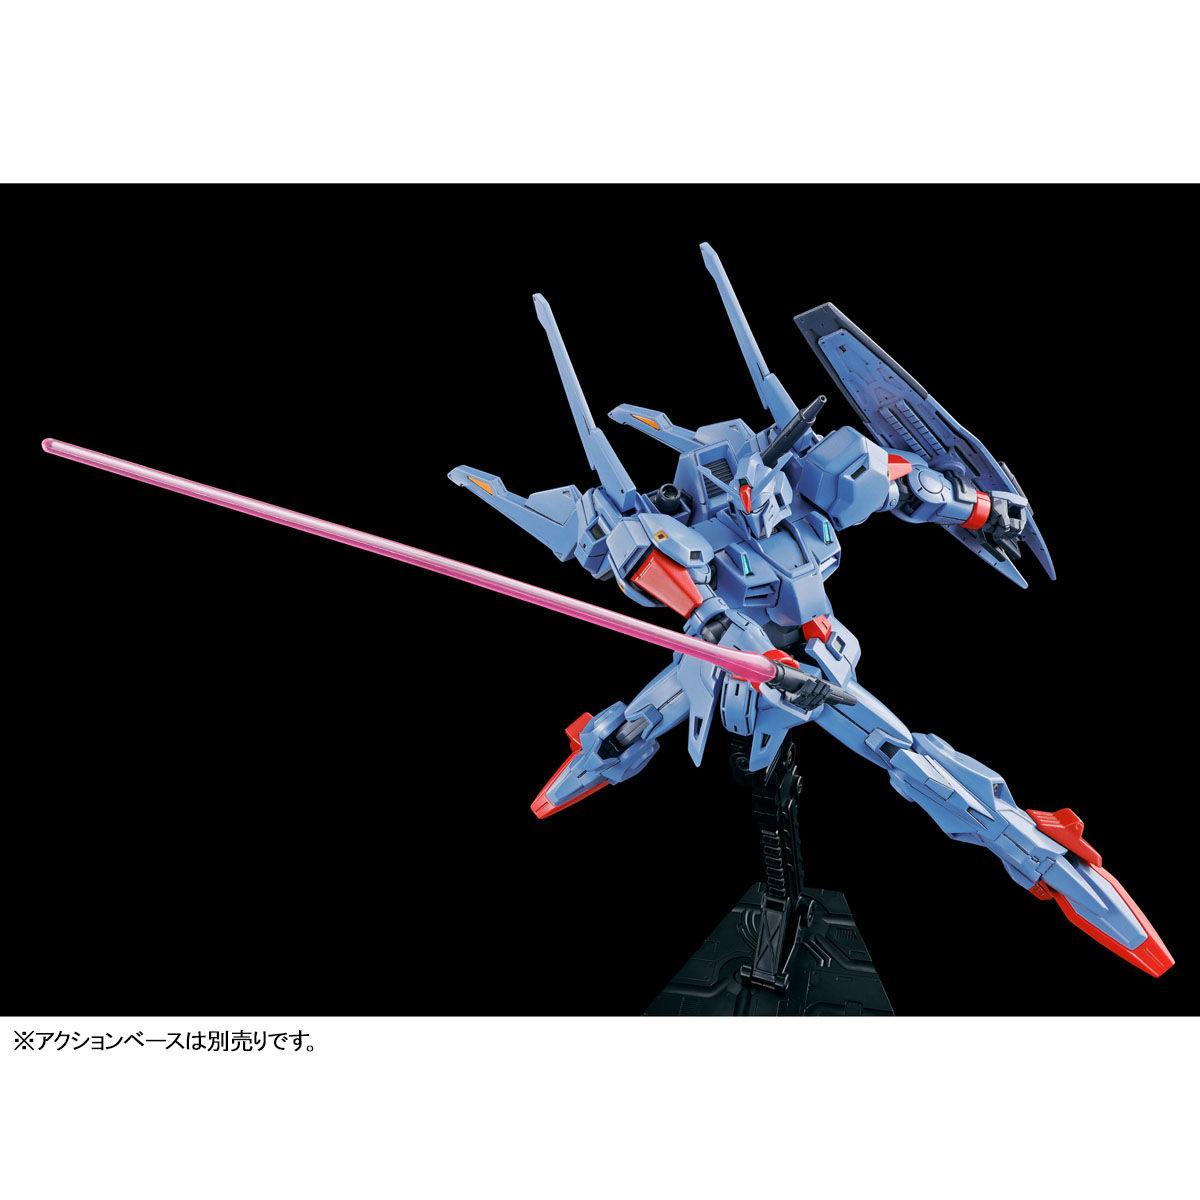 【限定販売】【2次】HG 1/144『ガンダムMk-III』Ζ-MSV プラモデル-009